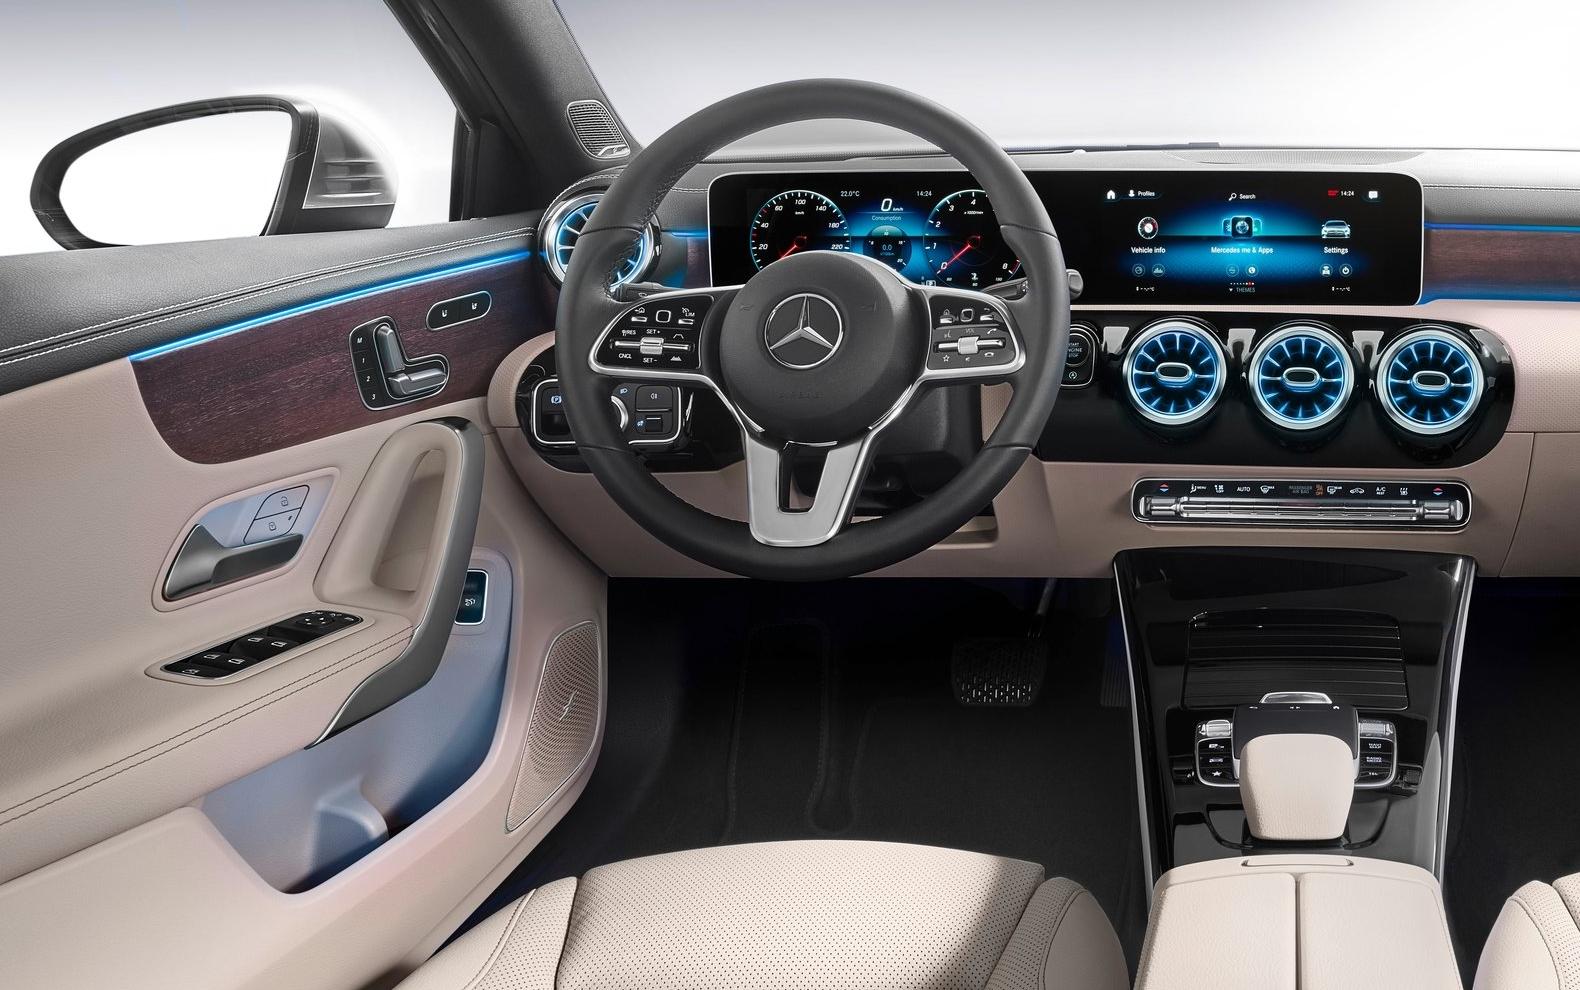 2019 Mercedes-Benz A-Class - inside of vehicle